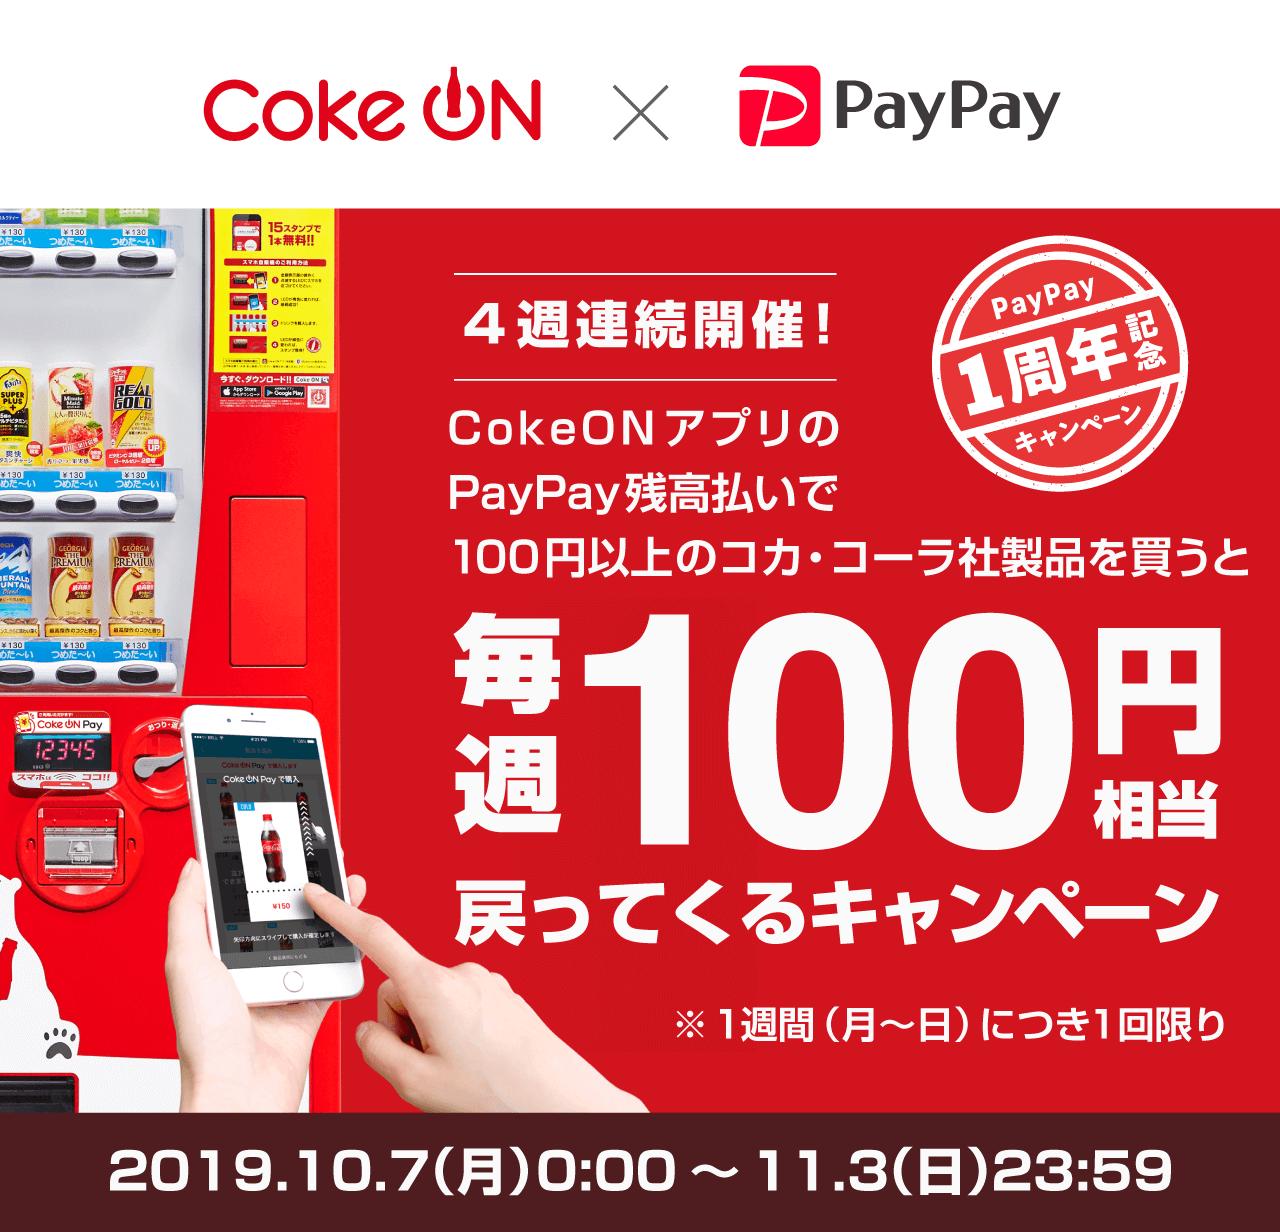 【PayPay】Coke ONアプリで使うと毎週100円還元されるキャンペーンを実施 10月7日〜